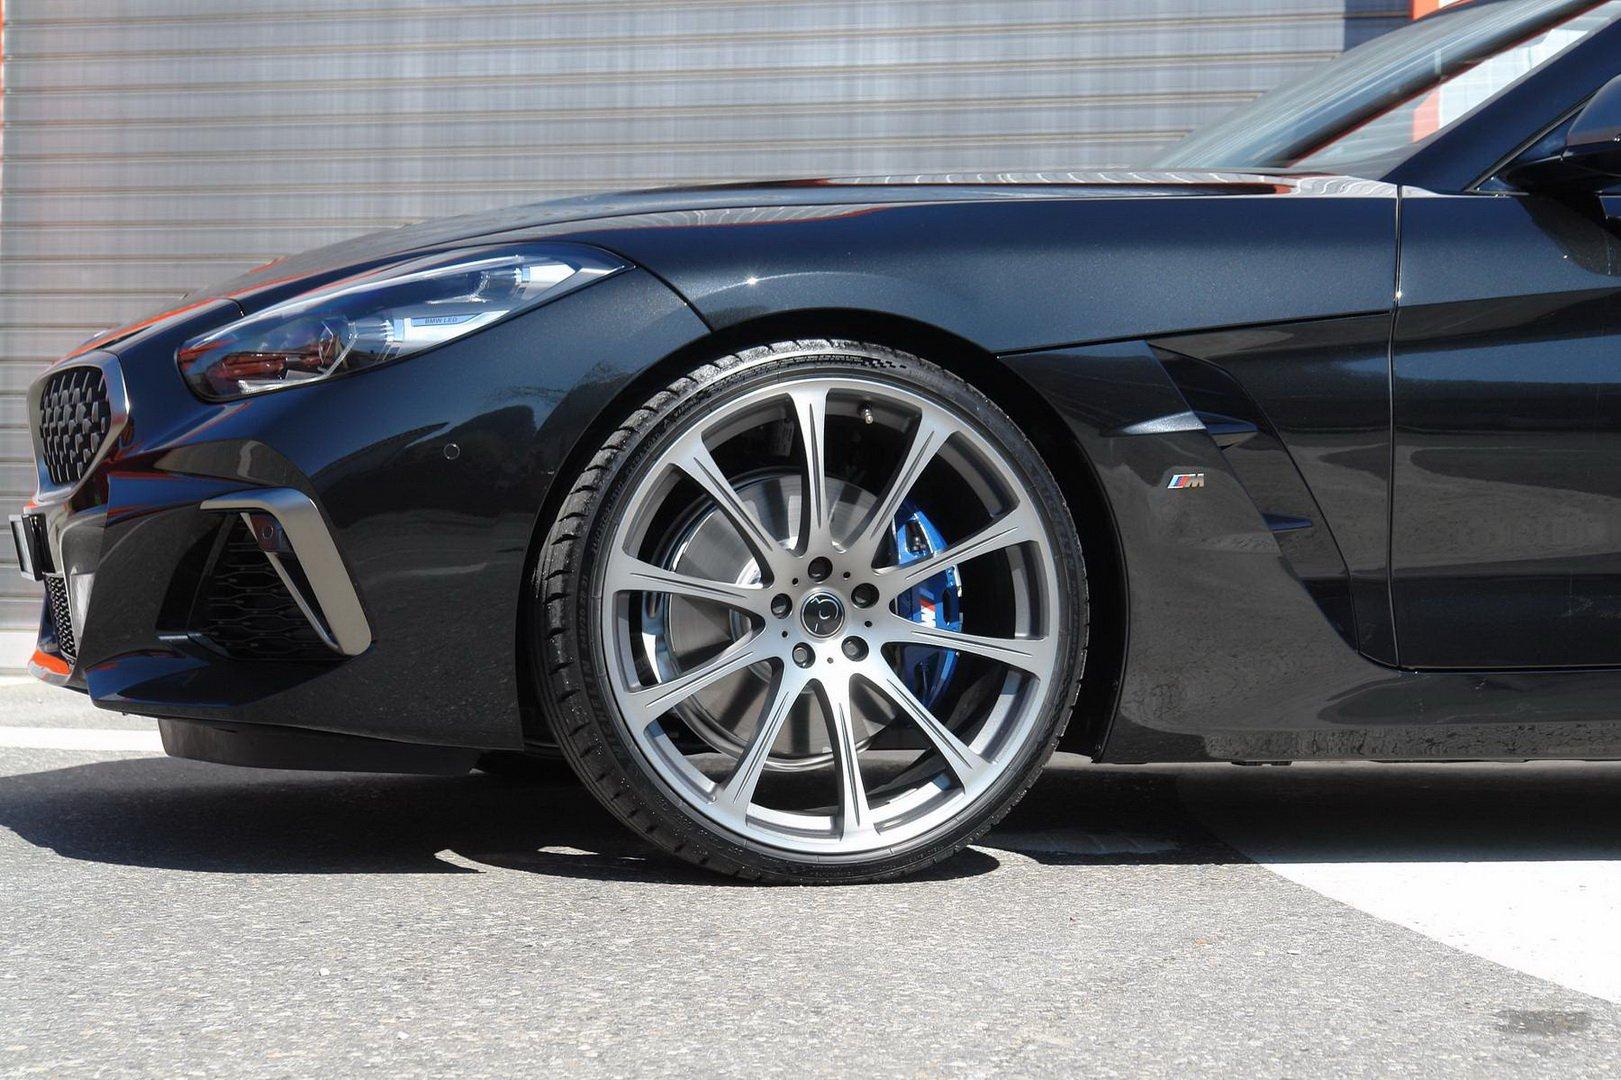 BMW-Z4-by-Dahler-5